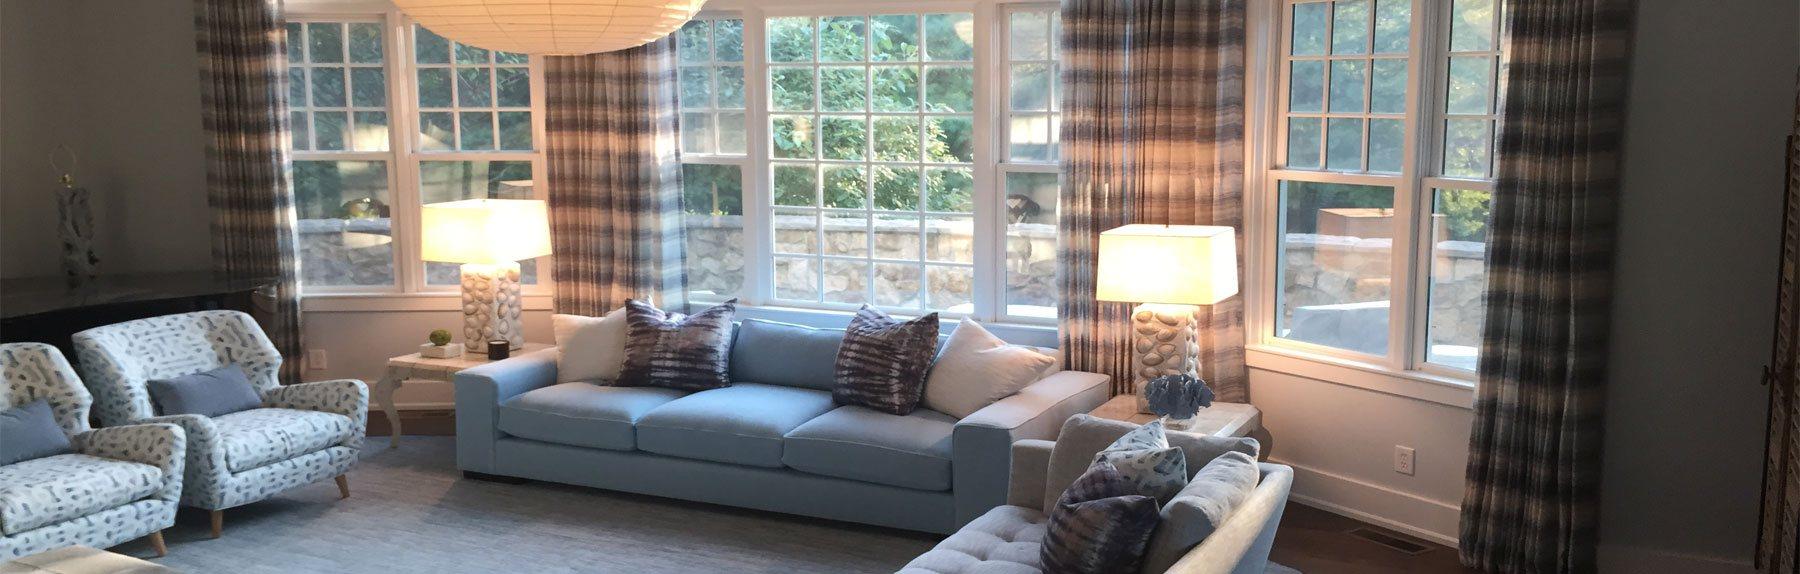 Slider-Custom-furniture-new-york-dreams-upholstery